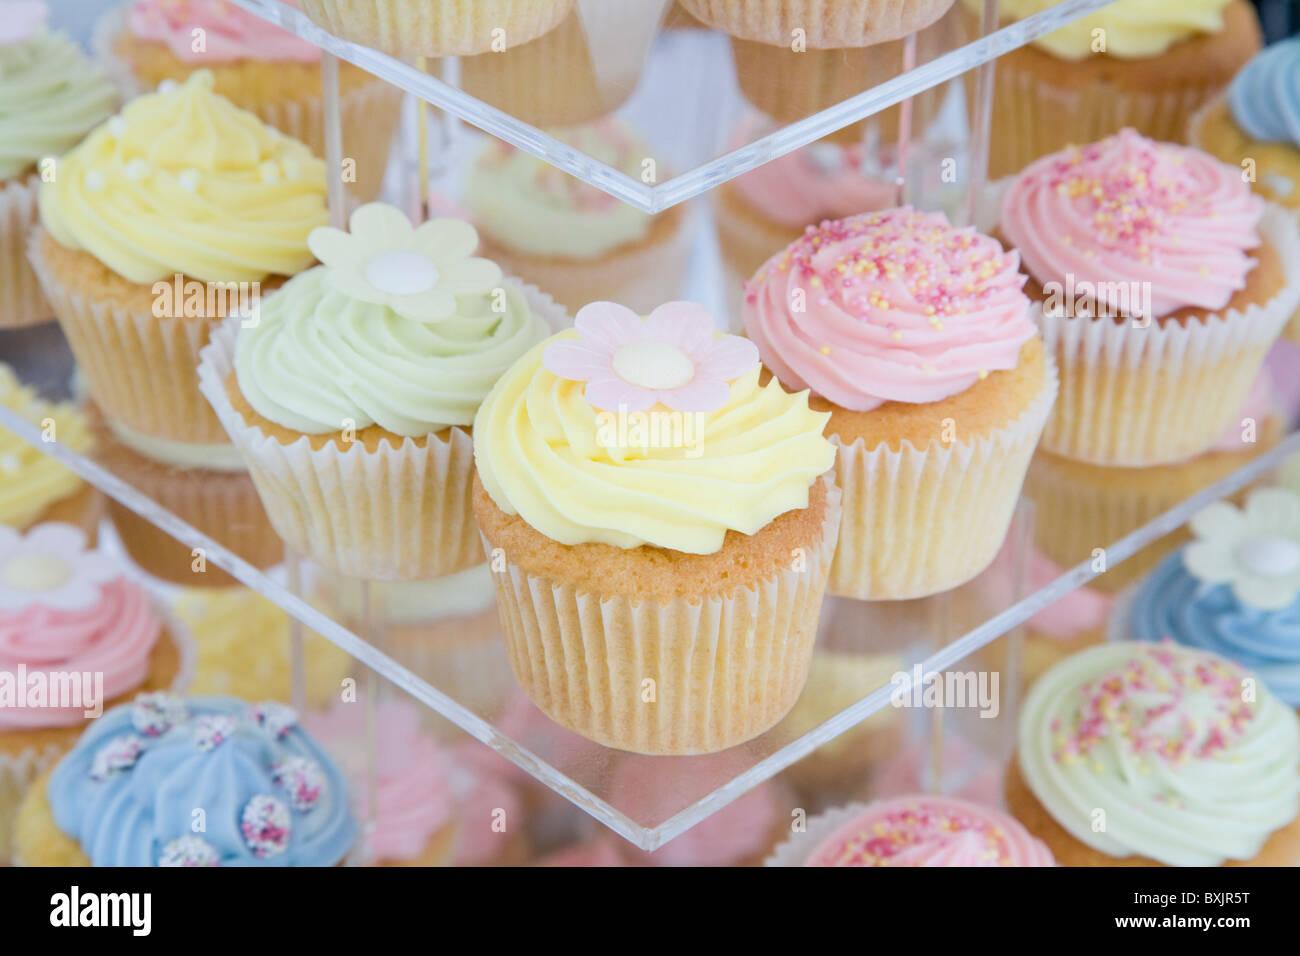 Cup cakes comme un gâteau de mariage sur un jour de mariage Photo Stock